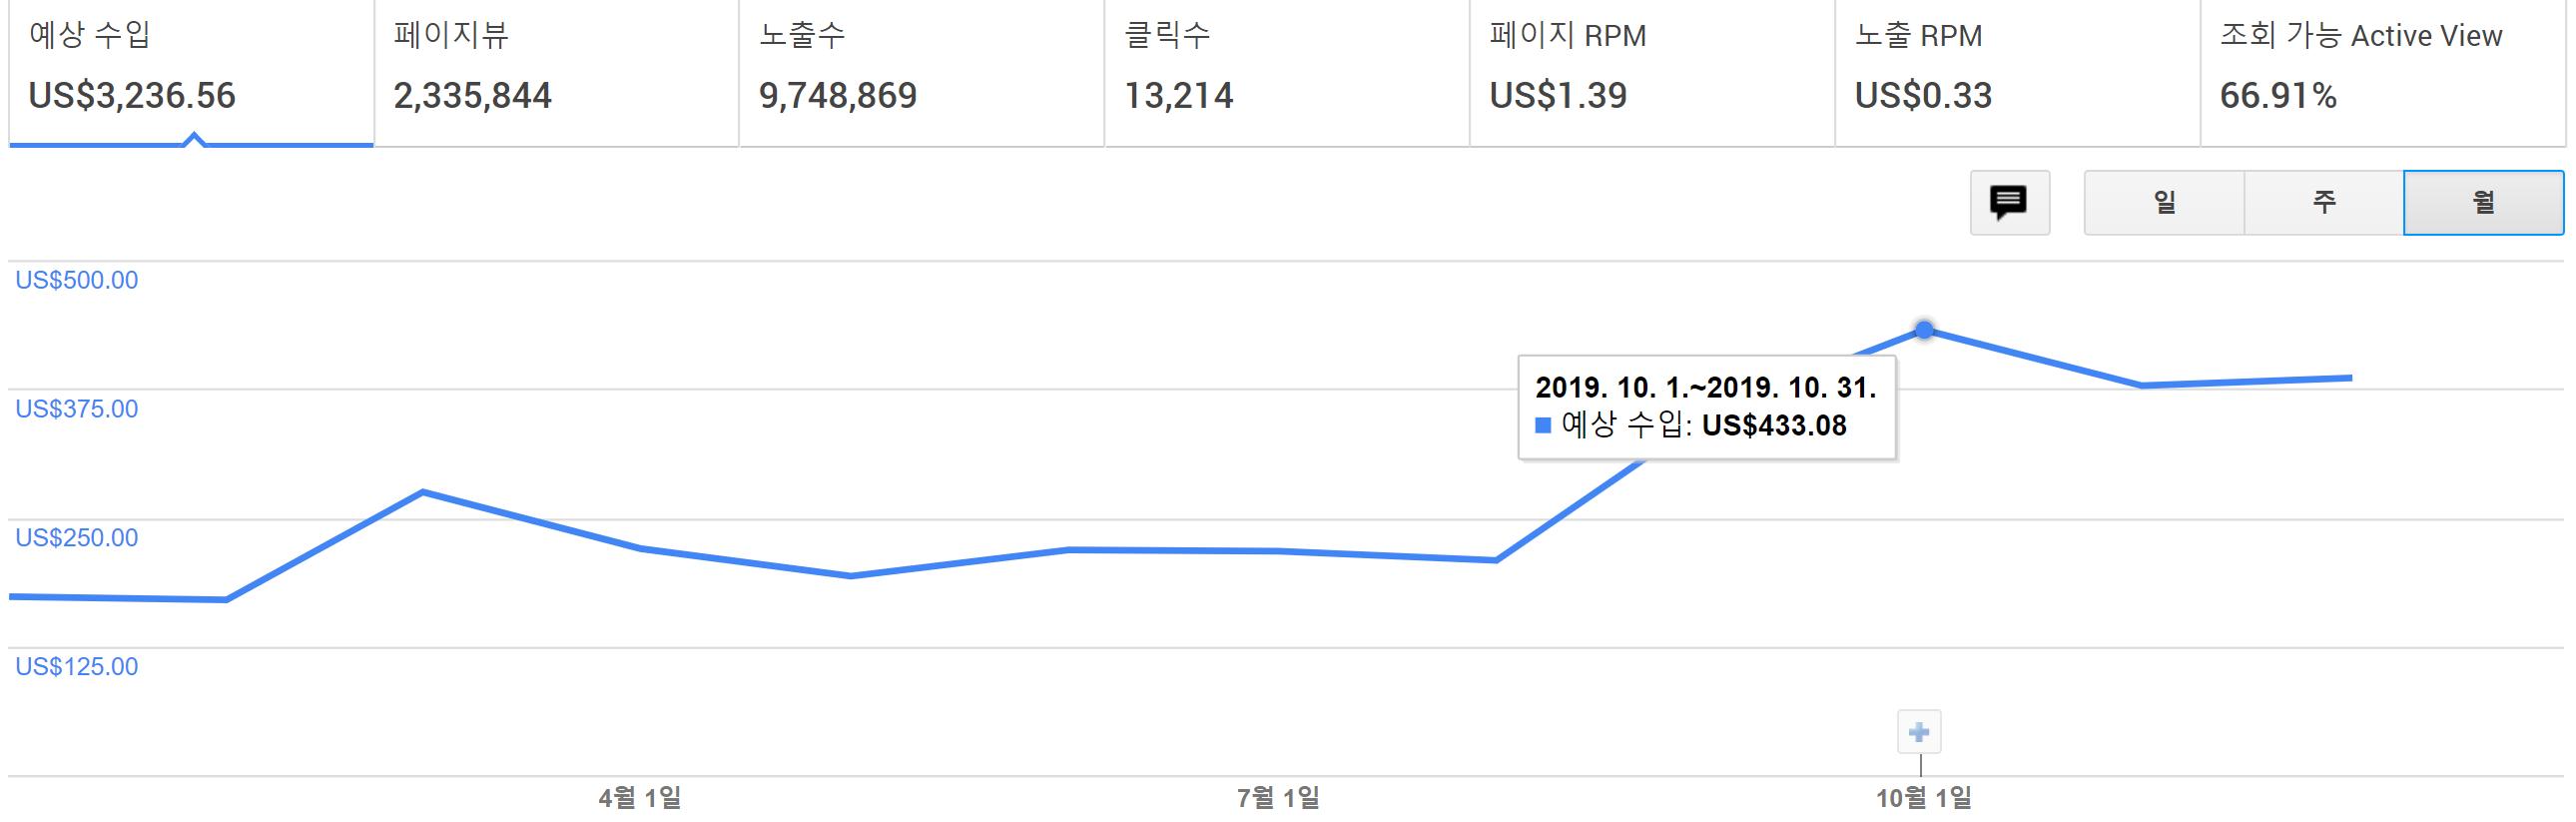 구글광고수익